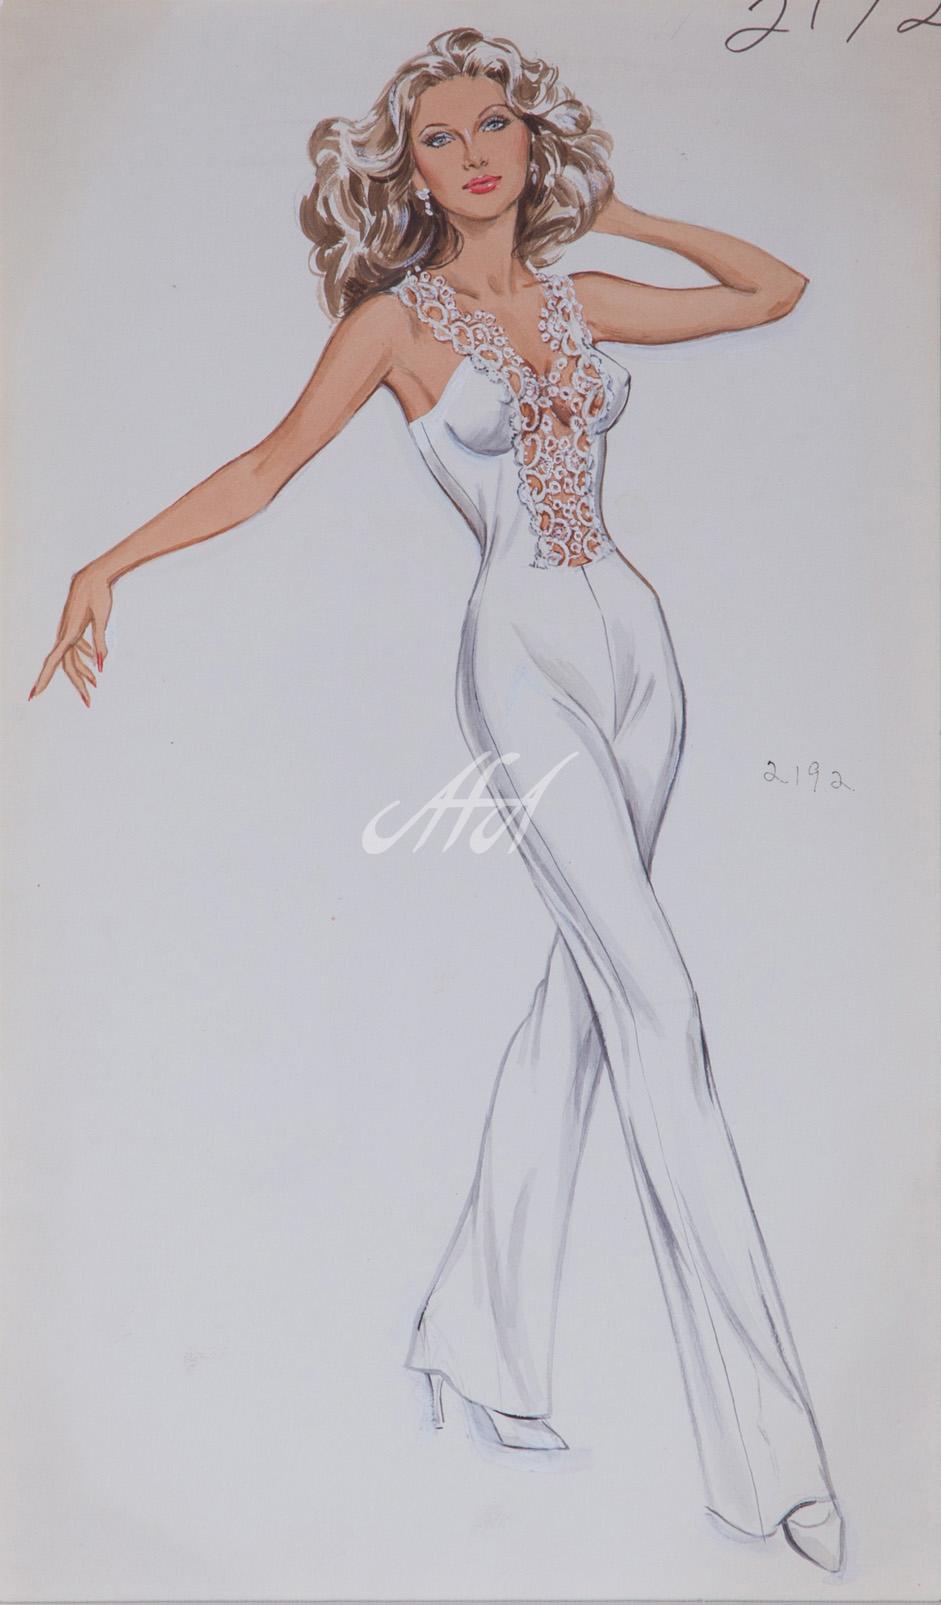 HCFM_Mellinger_ht1484_whitesuit_framed LoRes watermark.jpg